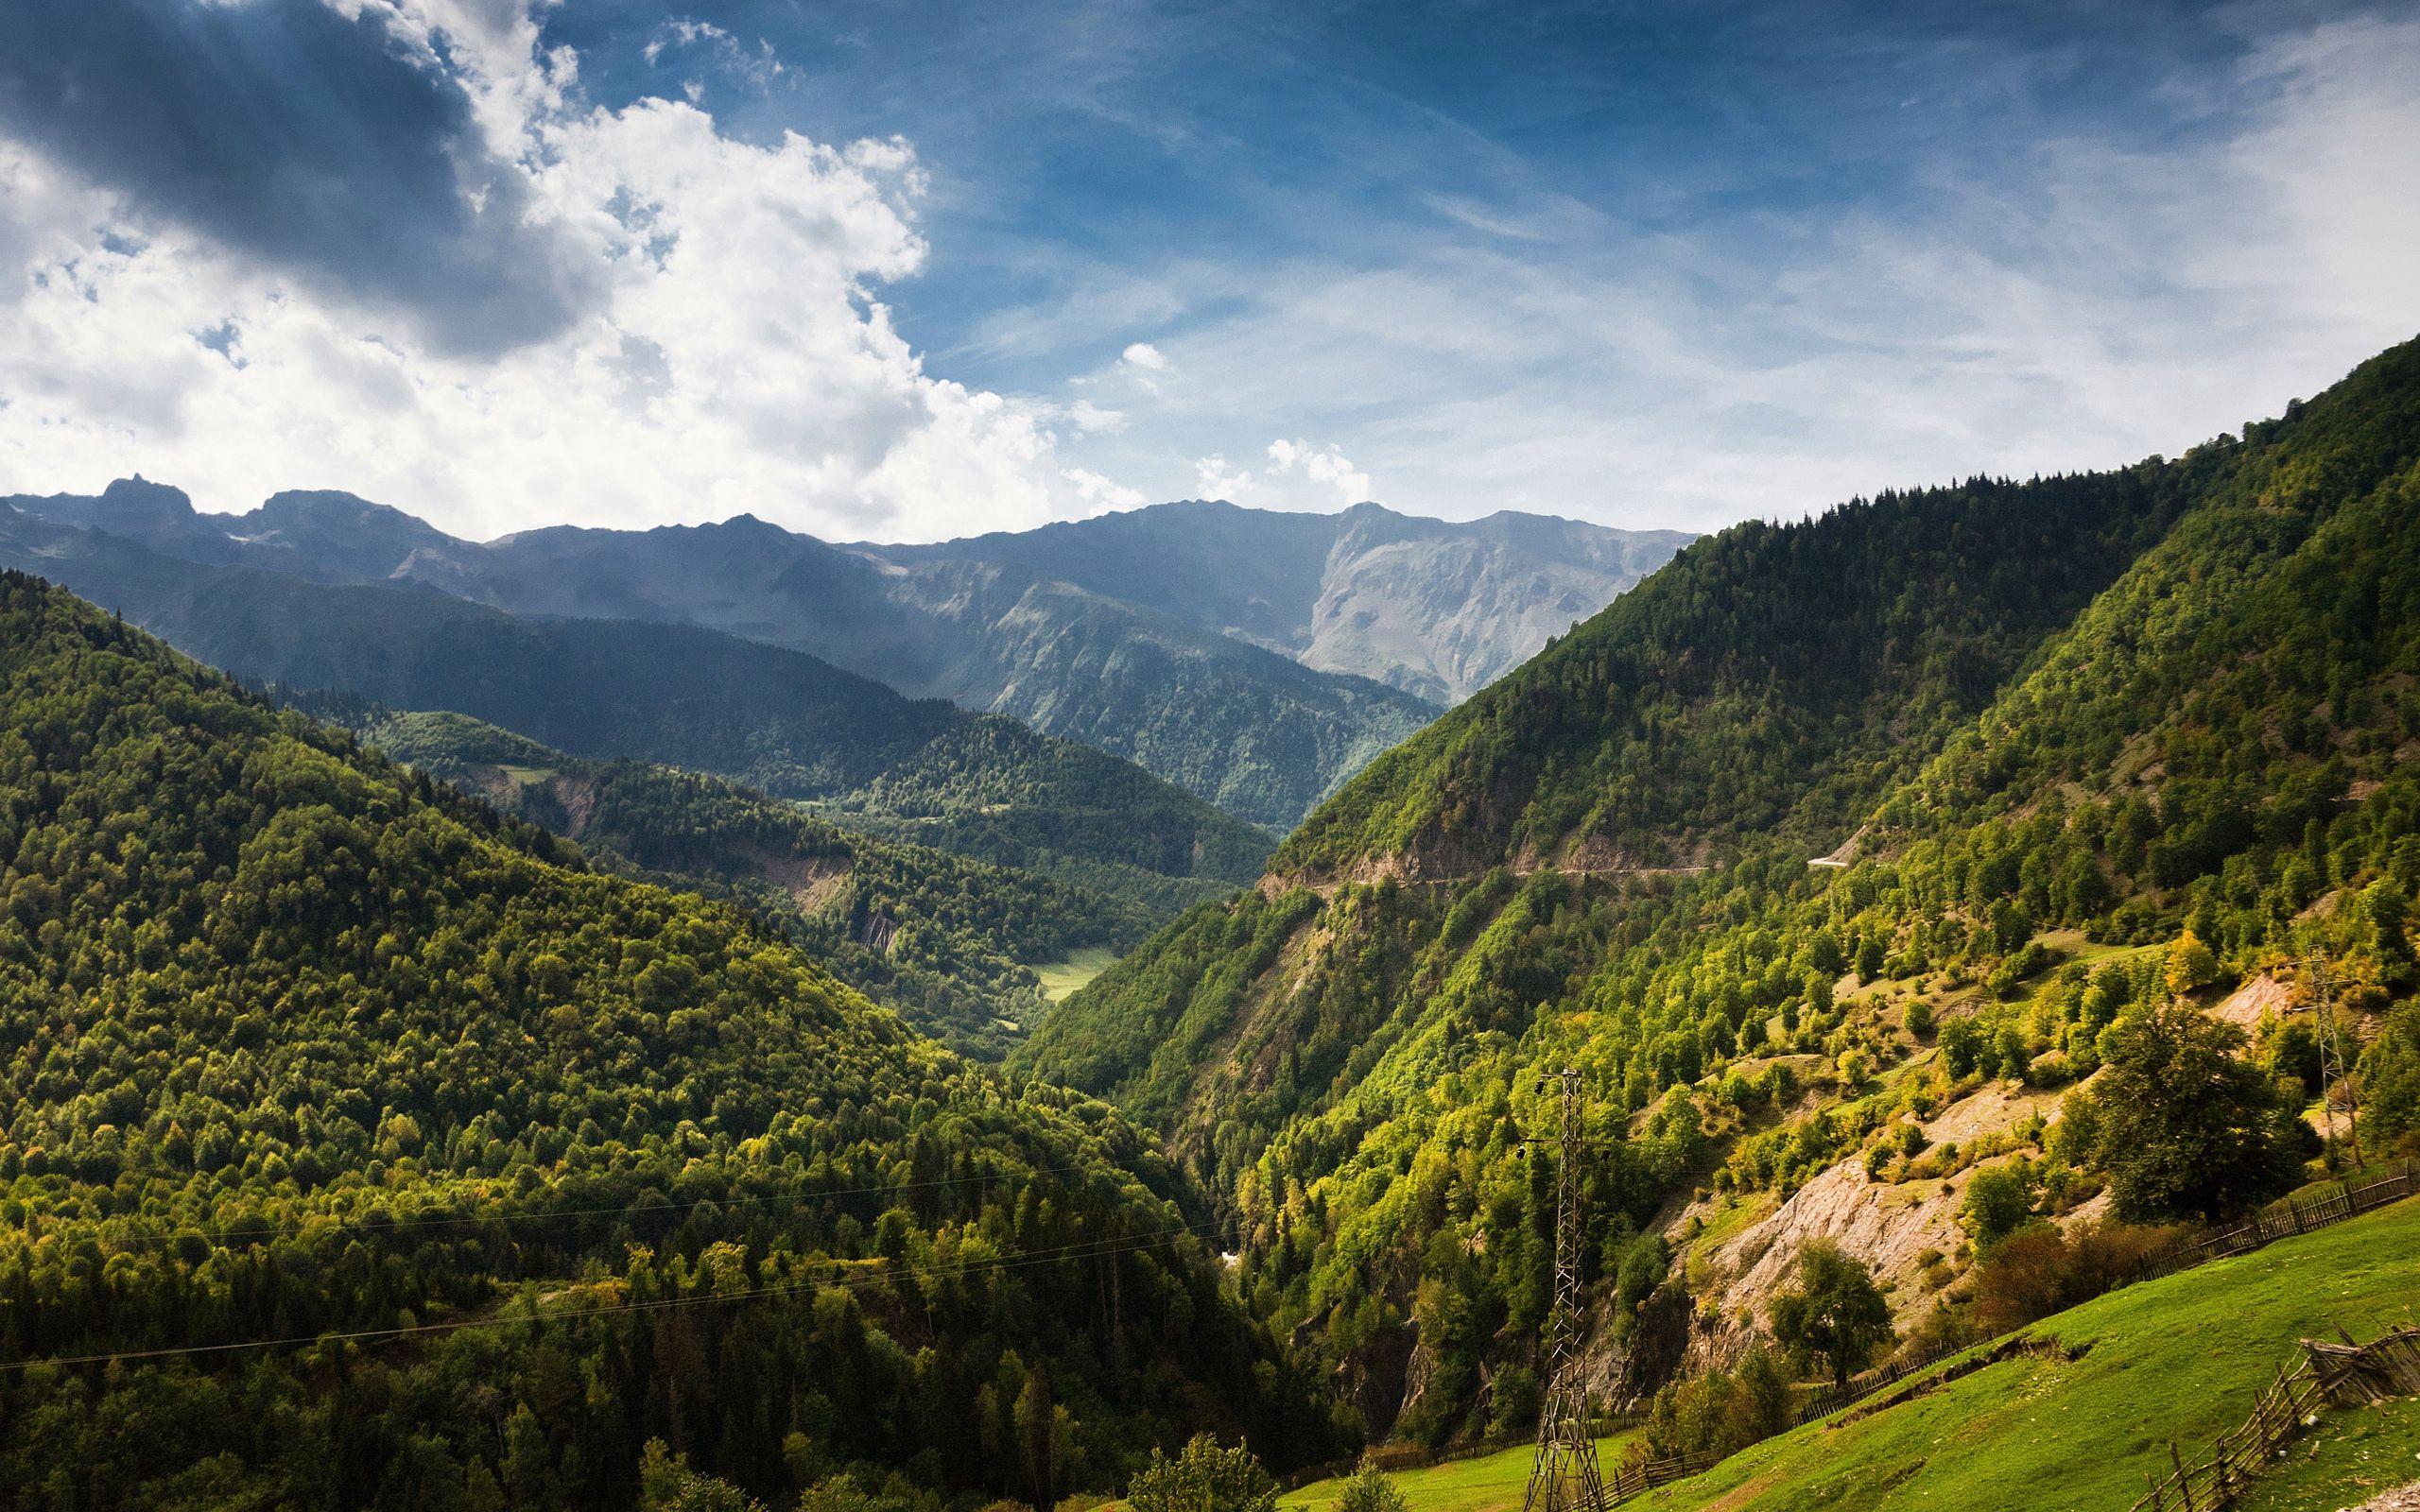 88856 скачать обои Горы, Природа, Деревья, Высота, Вышка, Башня, Провода, Леса - заставки и картинки бесплатно